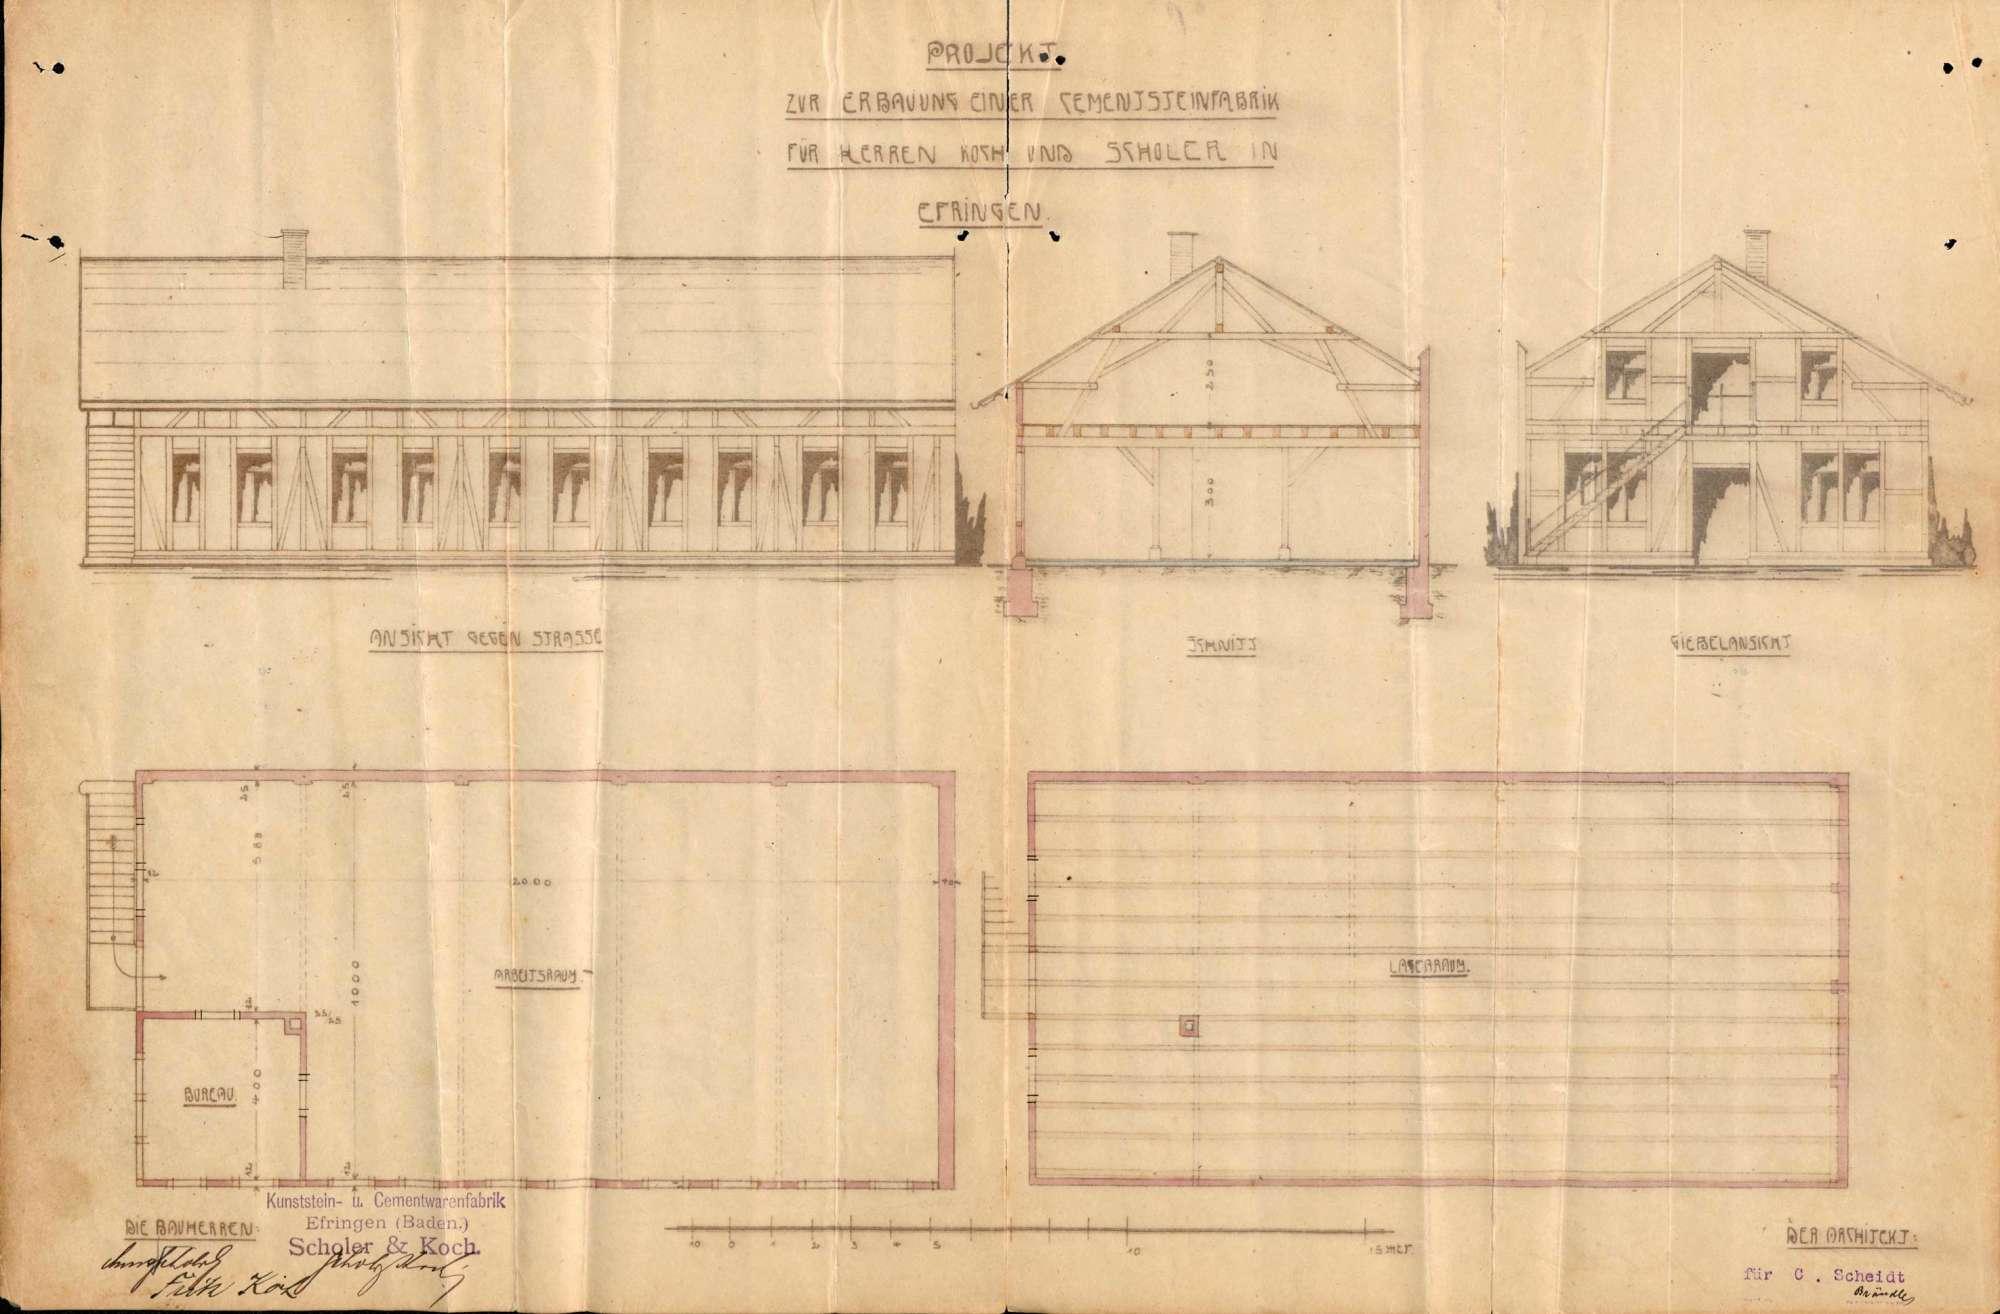 Antrag des Kaufmanns Ernst Scholer und des Maurers Fritz Koch auf Genehmigung zum Bau einer Kunststein- und Zementwarenfabrik in Erfingen, Bild 2